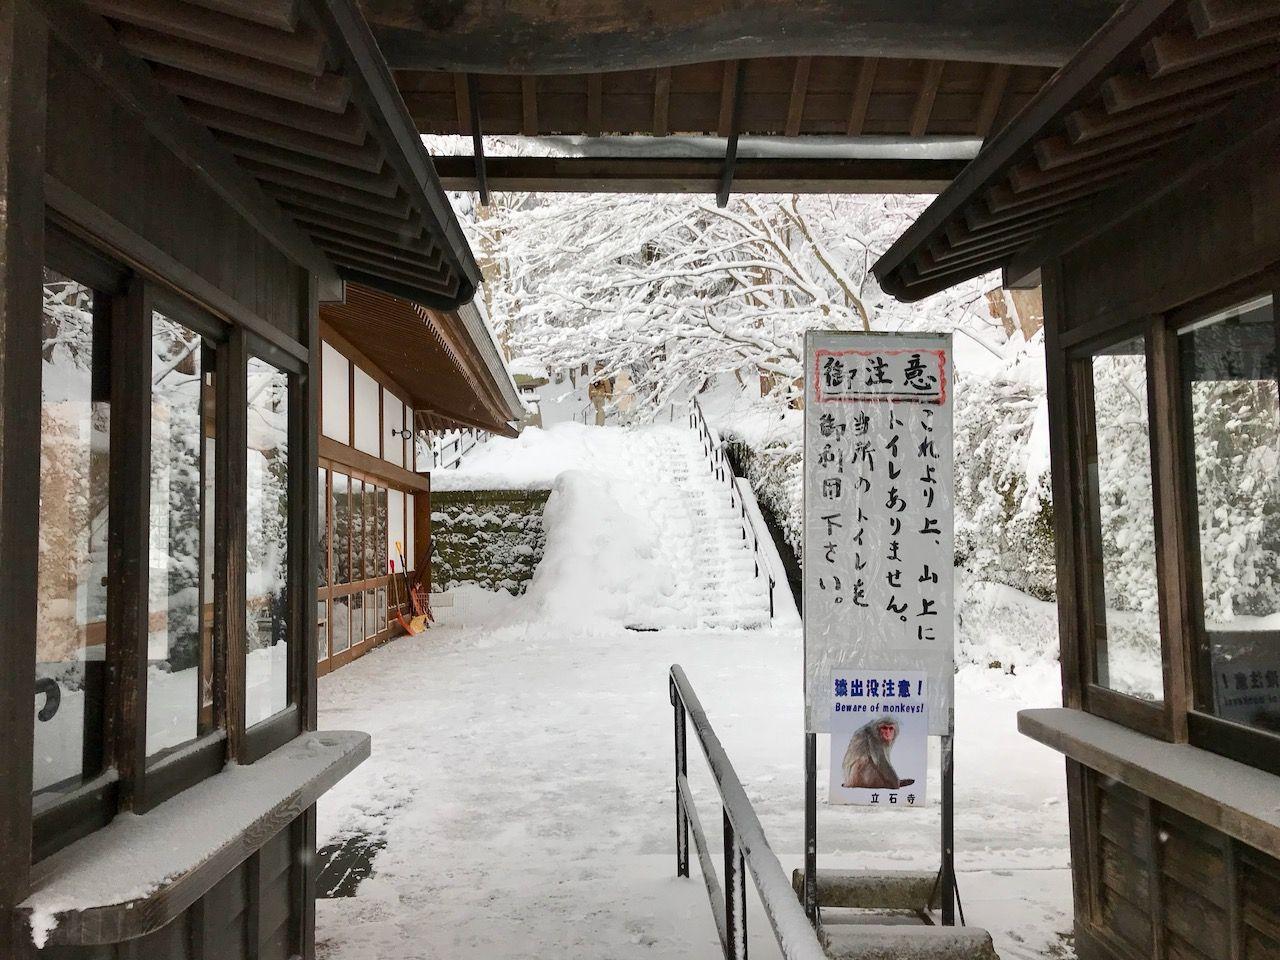 冬も登れる!山形の「山寺」